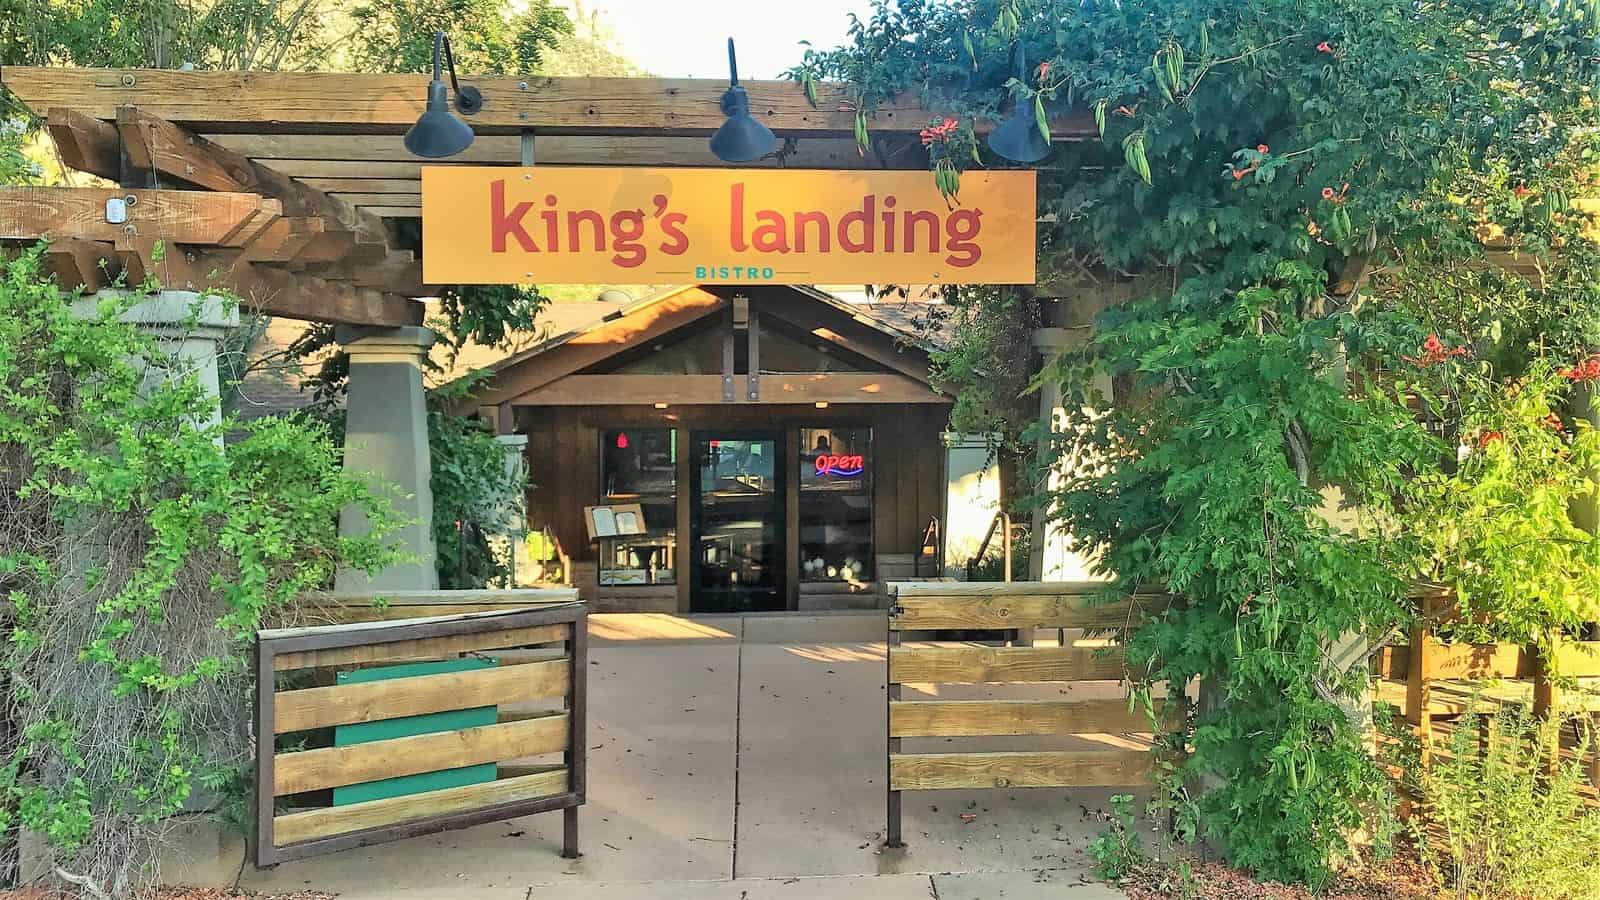 Kings landing dinner